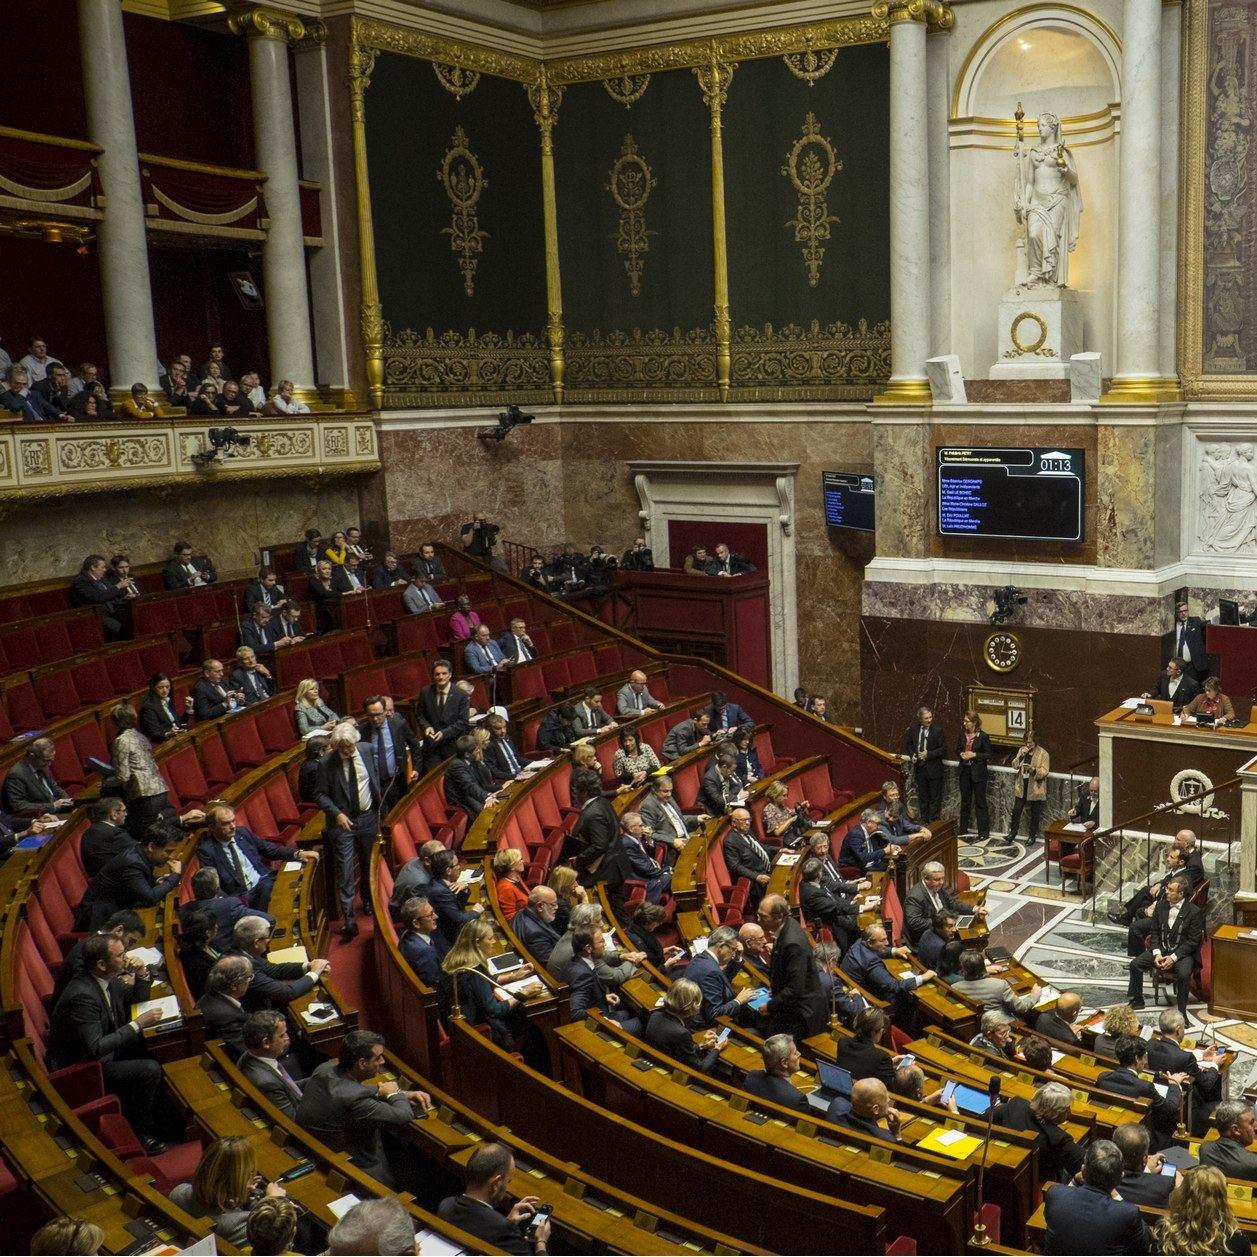 PMA pour toutes : L'Assemblée nationale adopte le projet de loi bioéthique